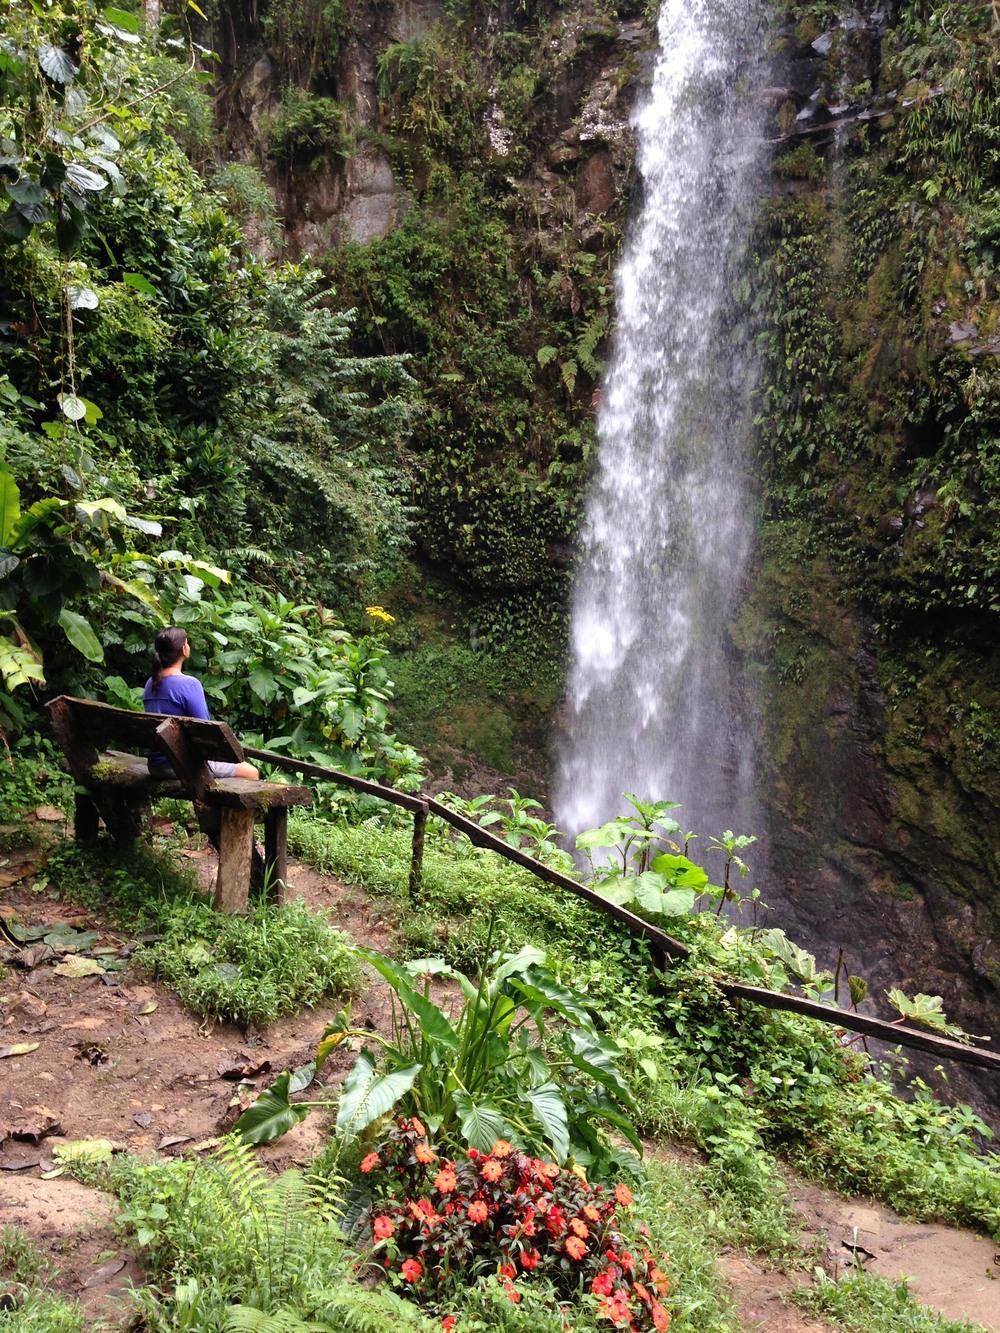 A primeira das 3 cachoeiras, a única onde não é possível mergulhar.